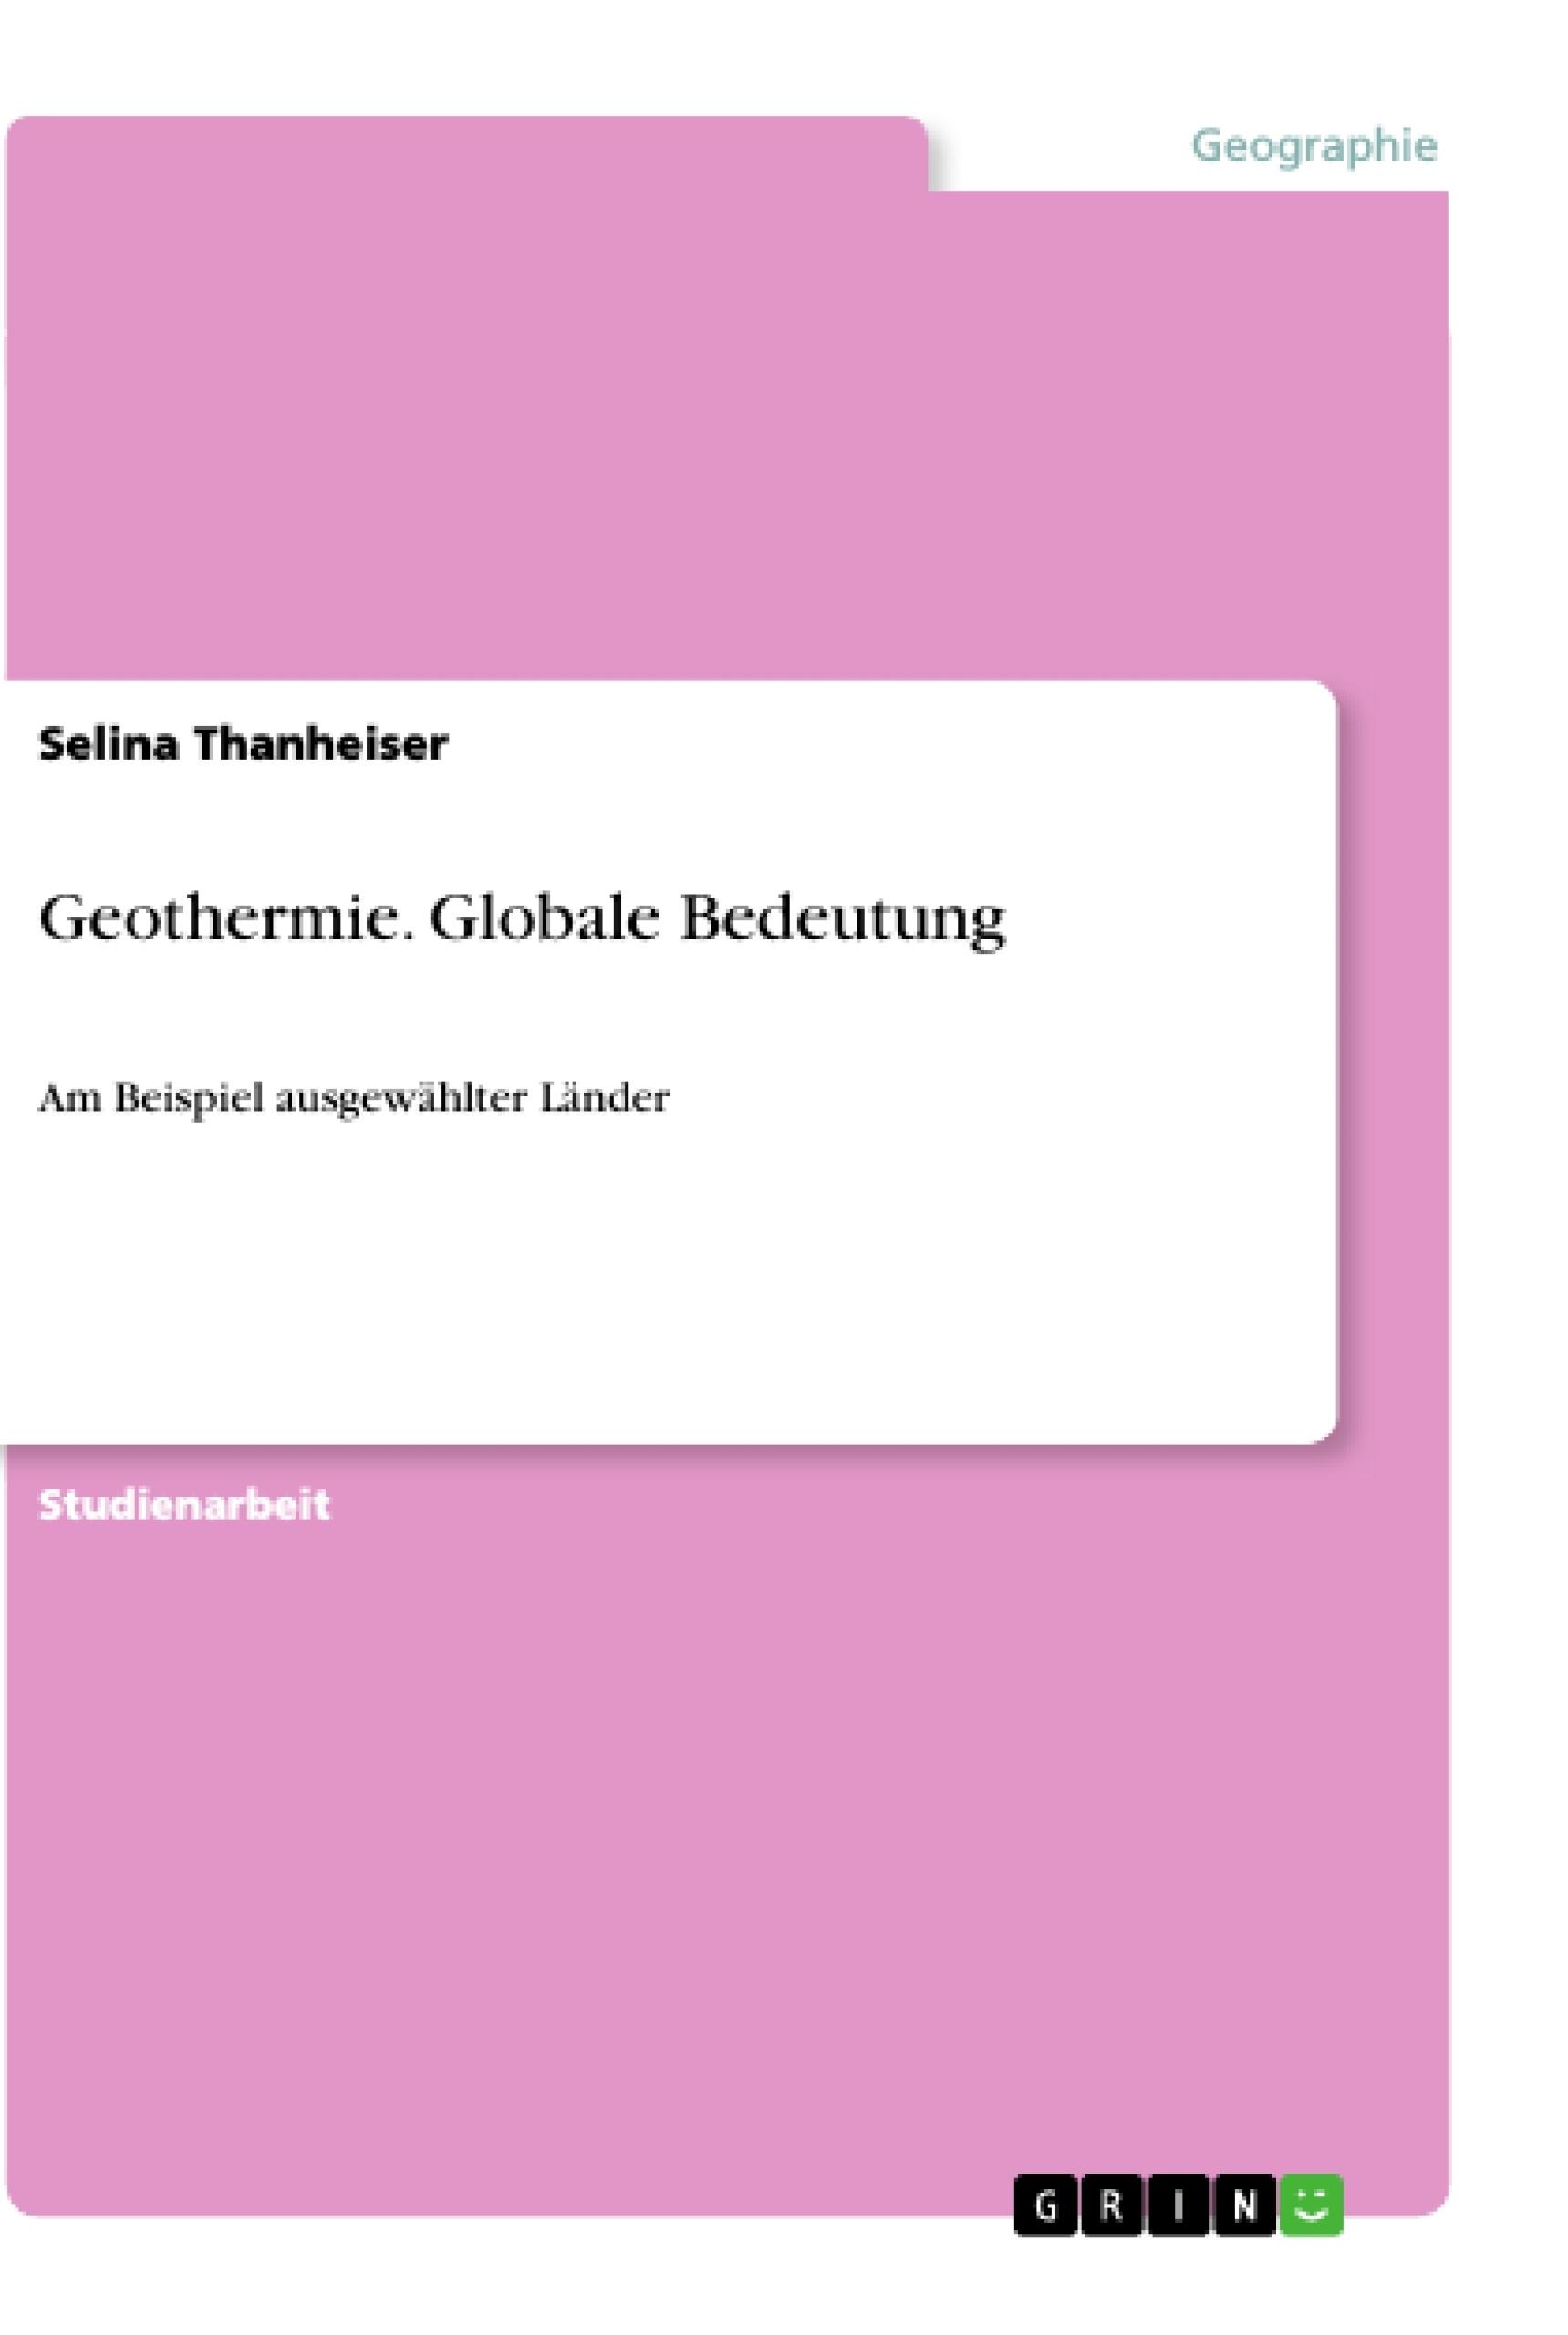 Titel: Geothermie. Globale Bedeutung